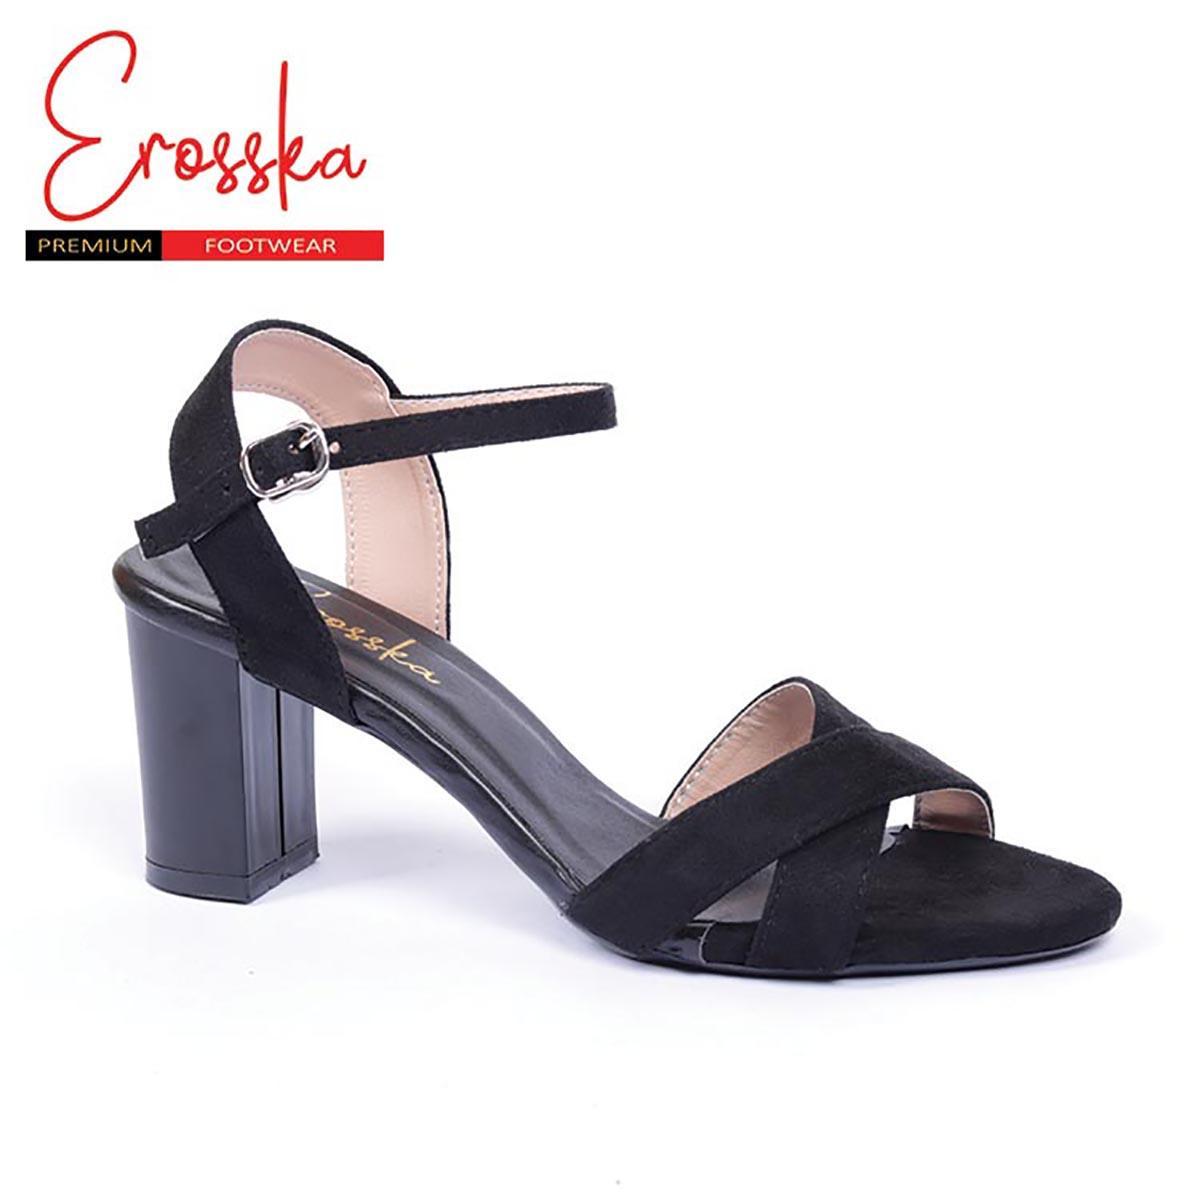 Giày Cao Gót Đế Vuông Erosska - ER012 (Màu Đen)